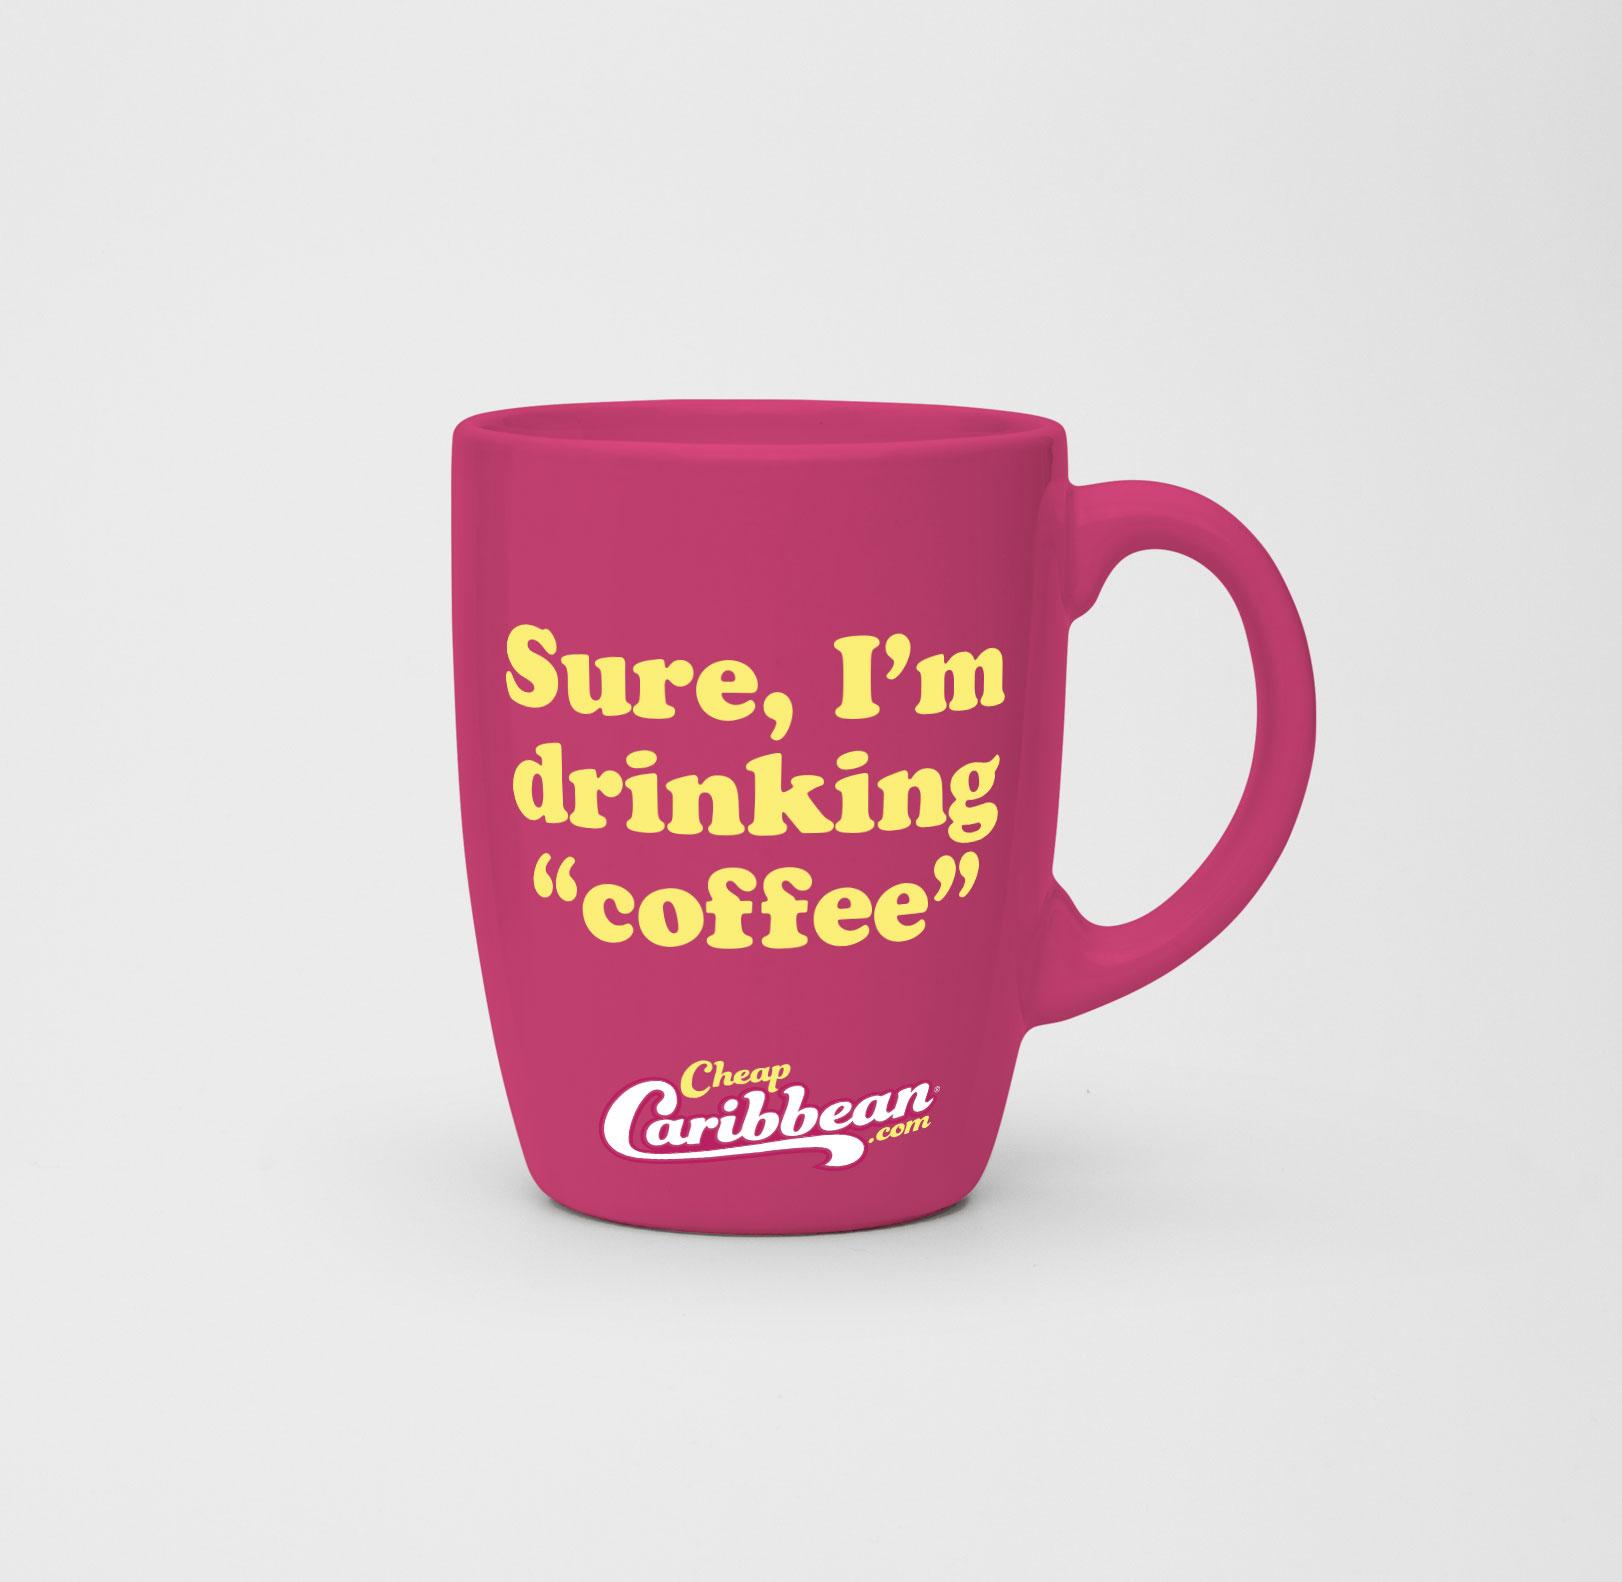 Mug1.jpg